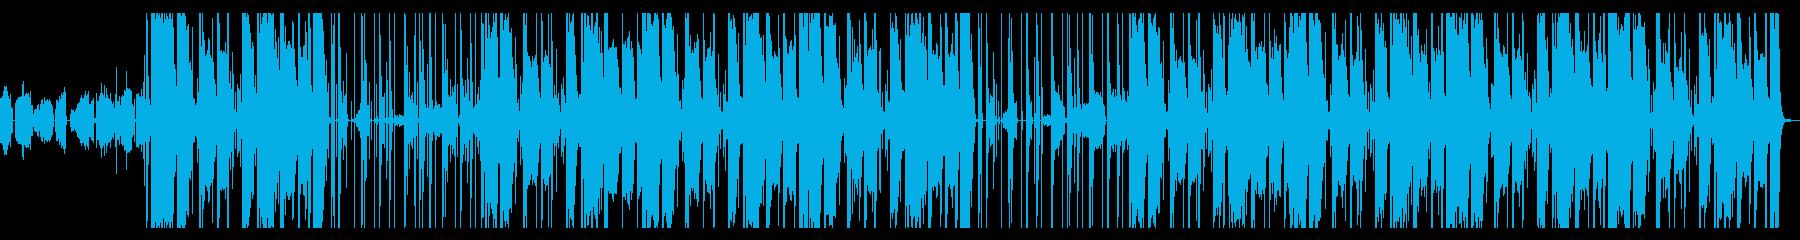 メロディアスR&Bニュー・ソウルインストの再生済みの波形